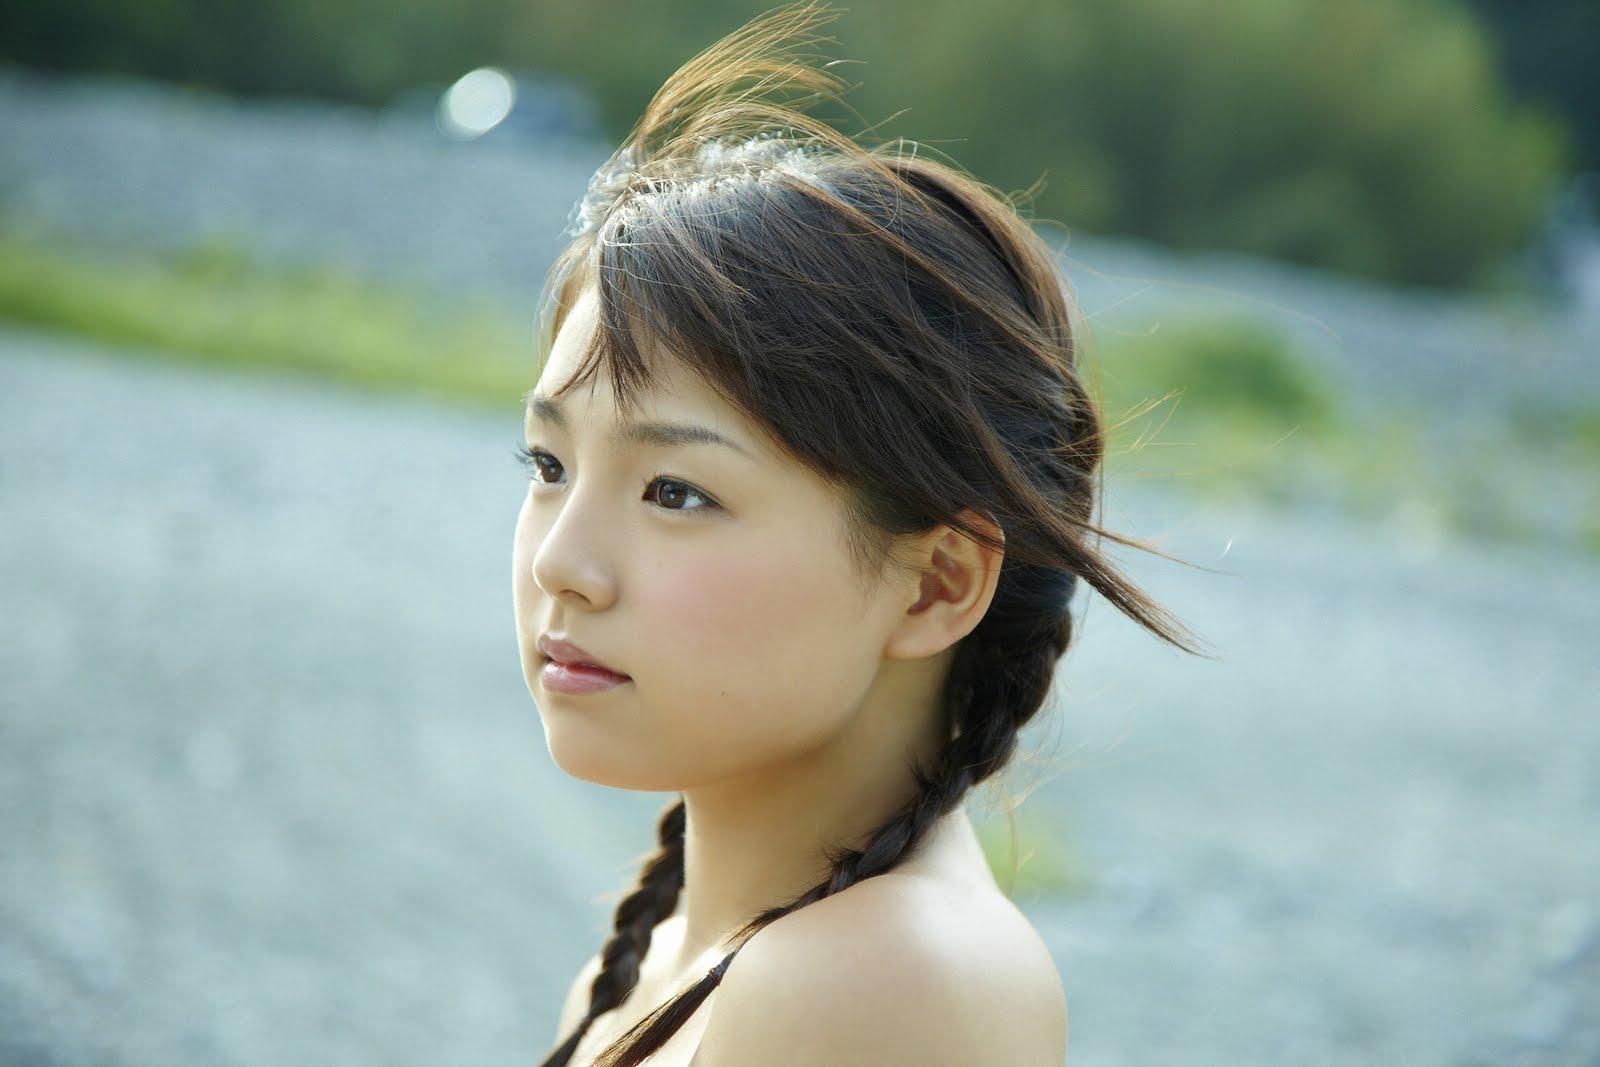 篠崎愛の画像 p1_29